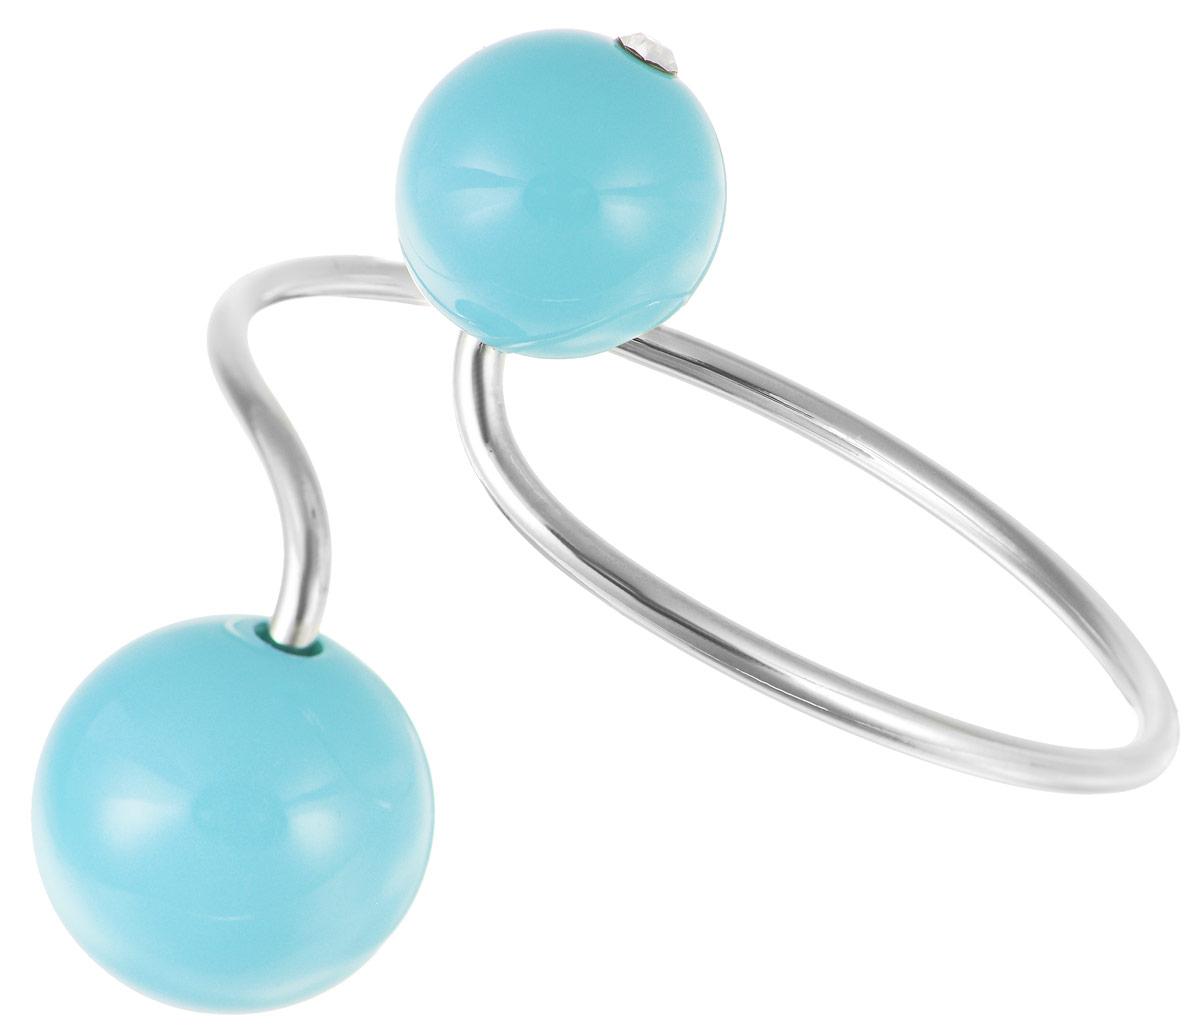 Браслет Art-Silver, цвет: серебристый, голубой. 01675-42301675-423Лаконичный женский браслет Art-Silver выполнен из бижутерного сплава. Модель оформлена декоративными элементами из искусственного жемчуга со вставками из кубического циркона. Металлический каркас обеспечивает прилегание модели к руке. Красивый и необычный браслет блестяще подчеркнет ваш изысканный вкус и поможет внести разнообразие в привычный образ.